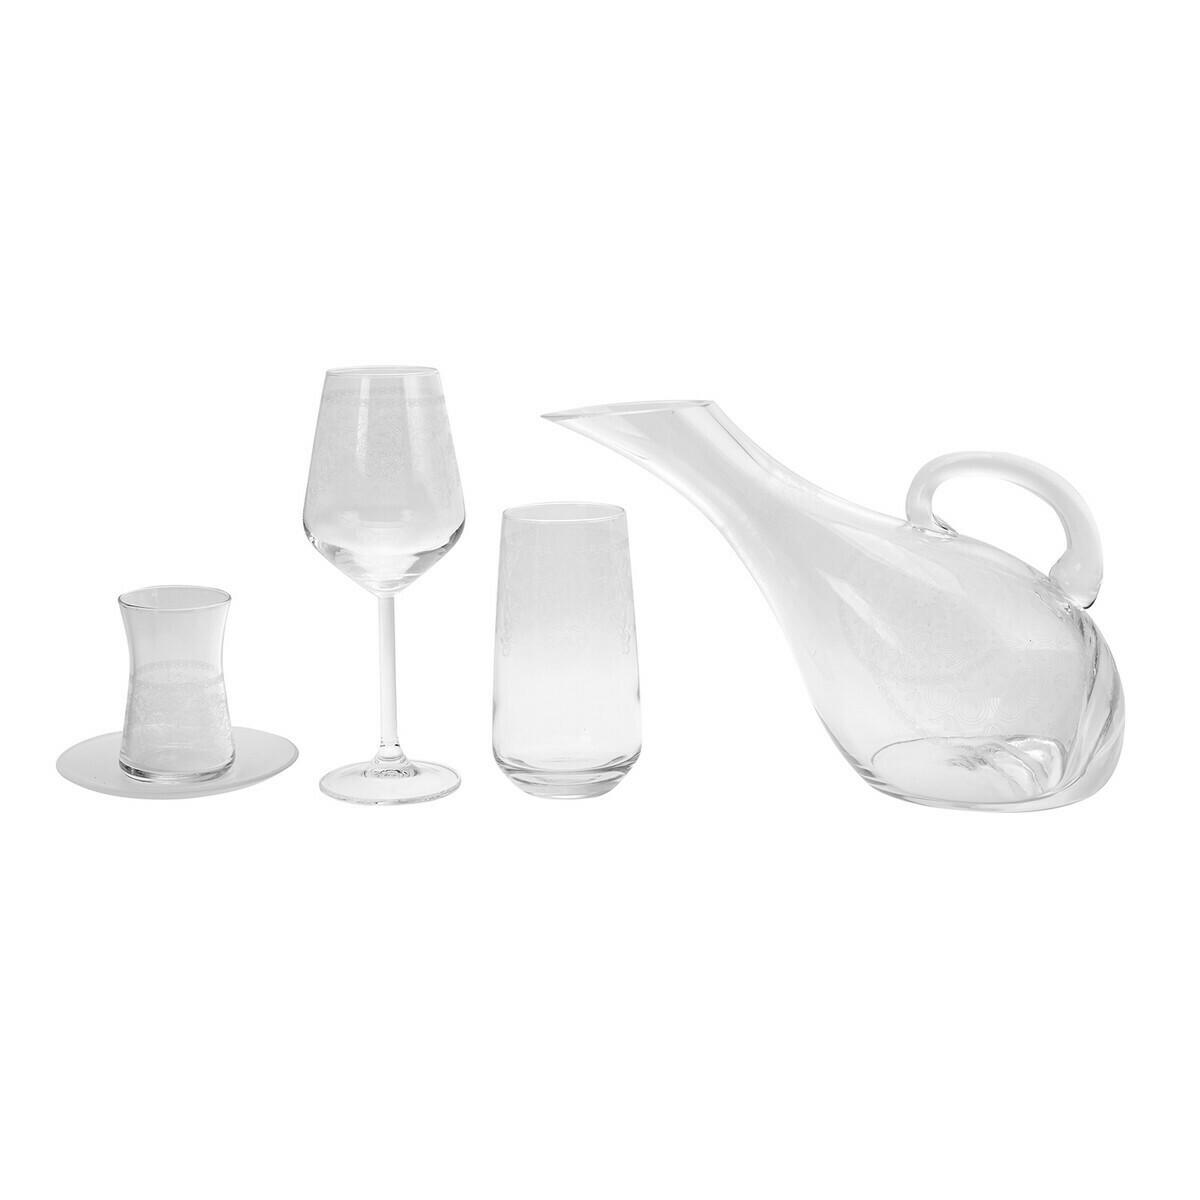 KARACA 49 PIECES GLASS SET NEKLUS YALDIZSIZ AKBY